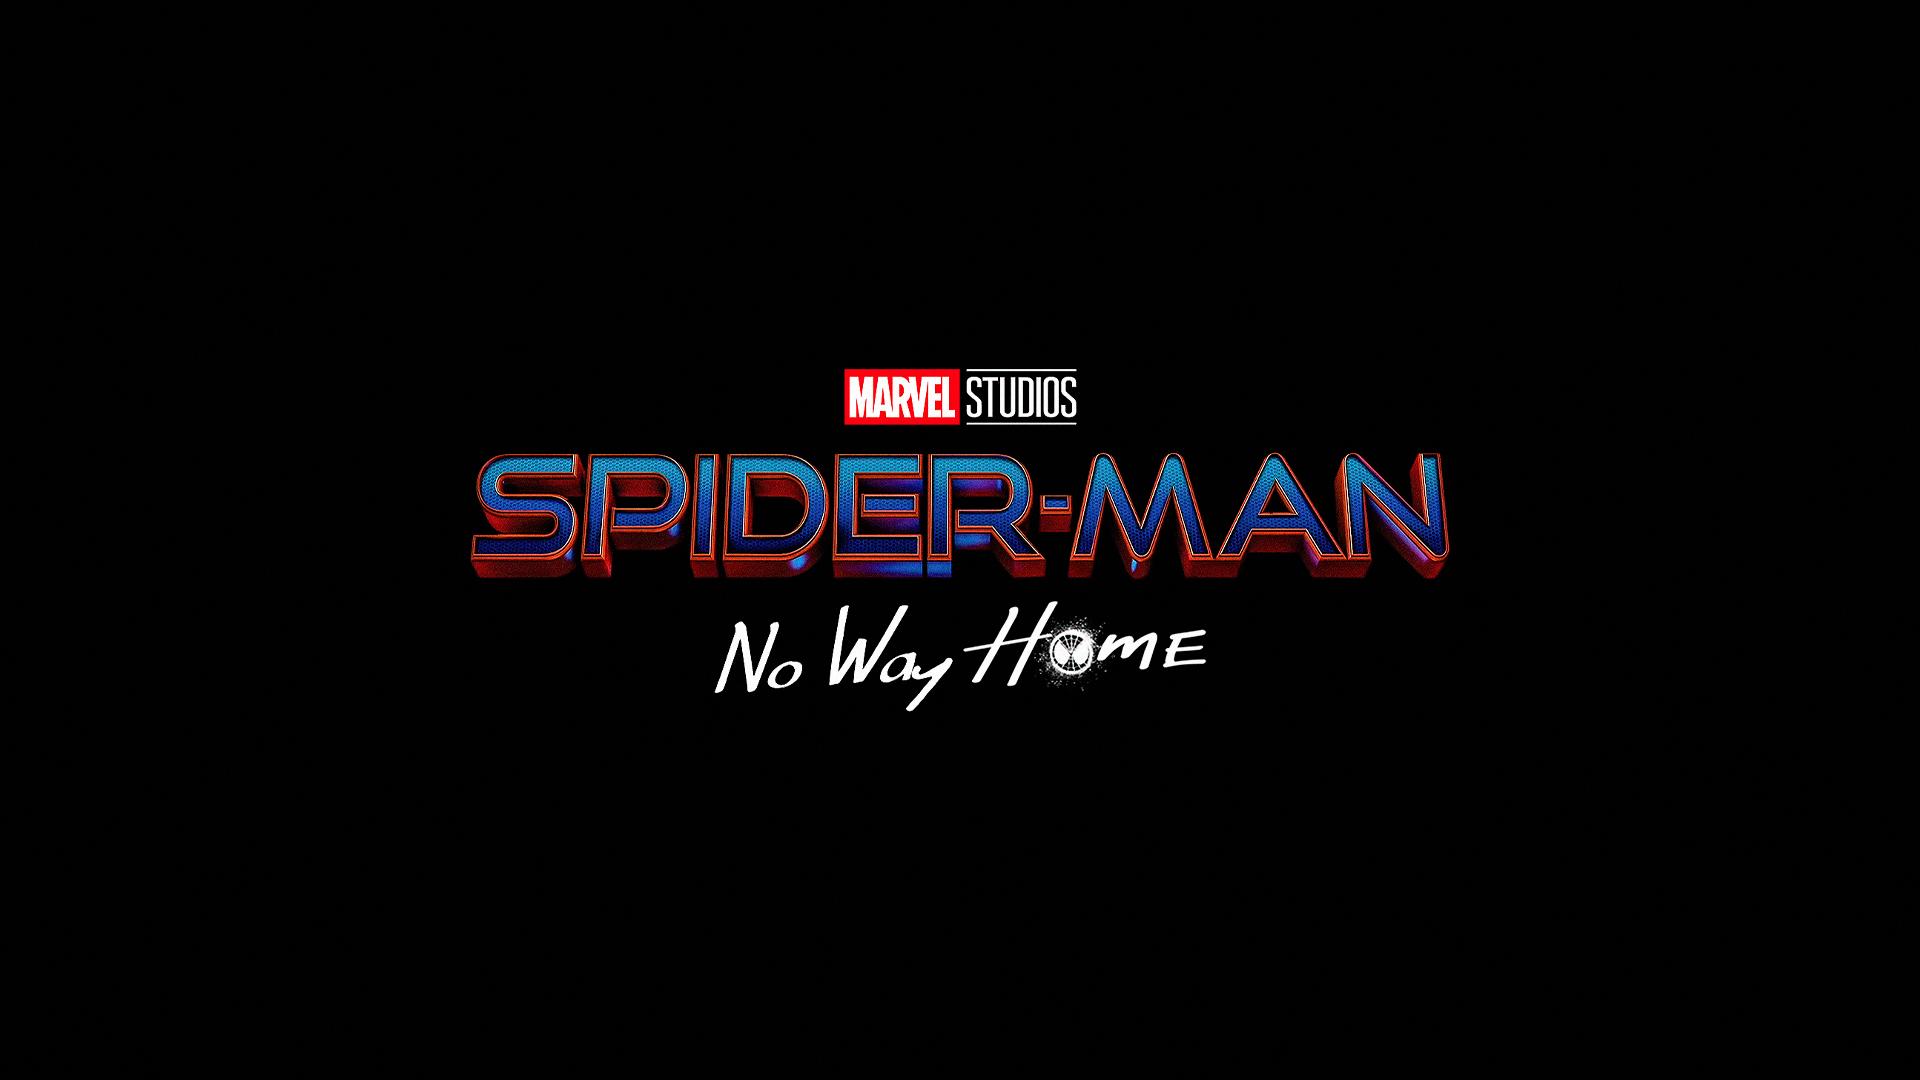 Uma rede de cinemas já começou a pré-venda de ingressos de Homem-Aranha 3 No Way Home e com isso, acabou listando a duração do filme.